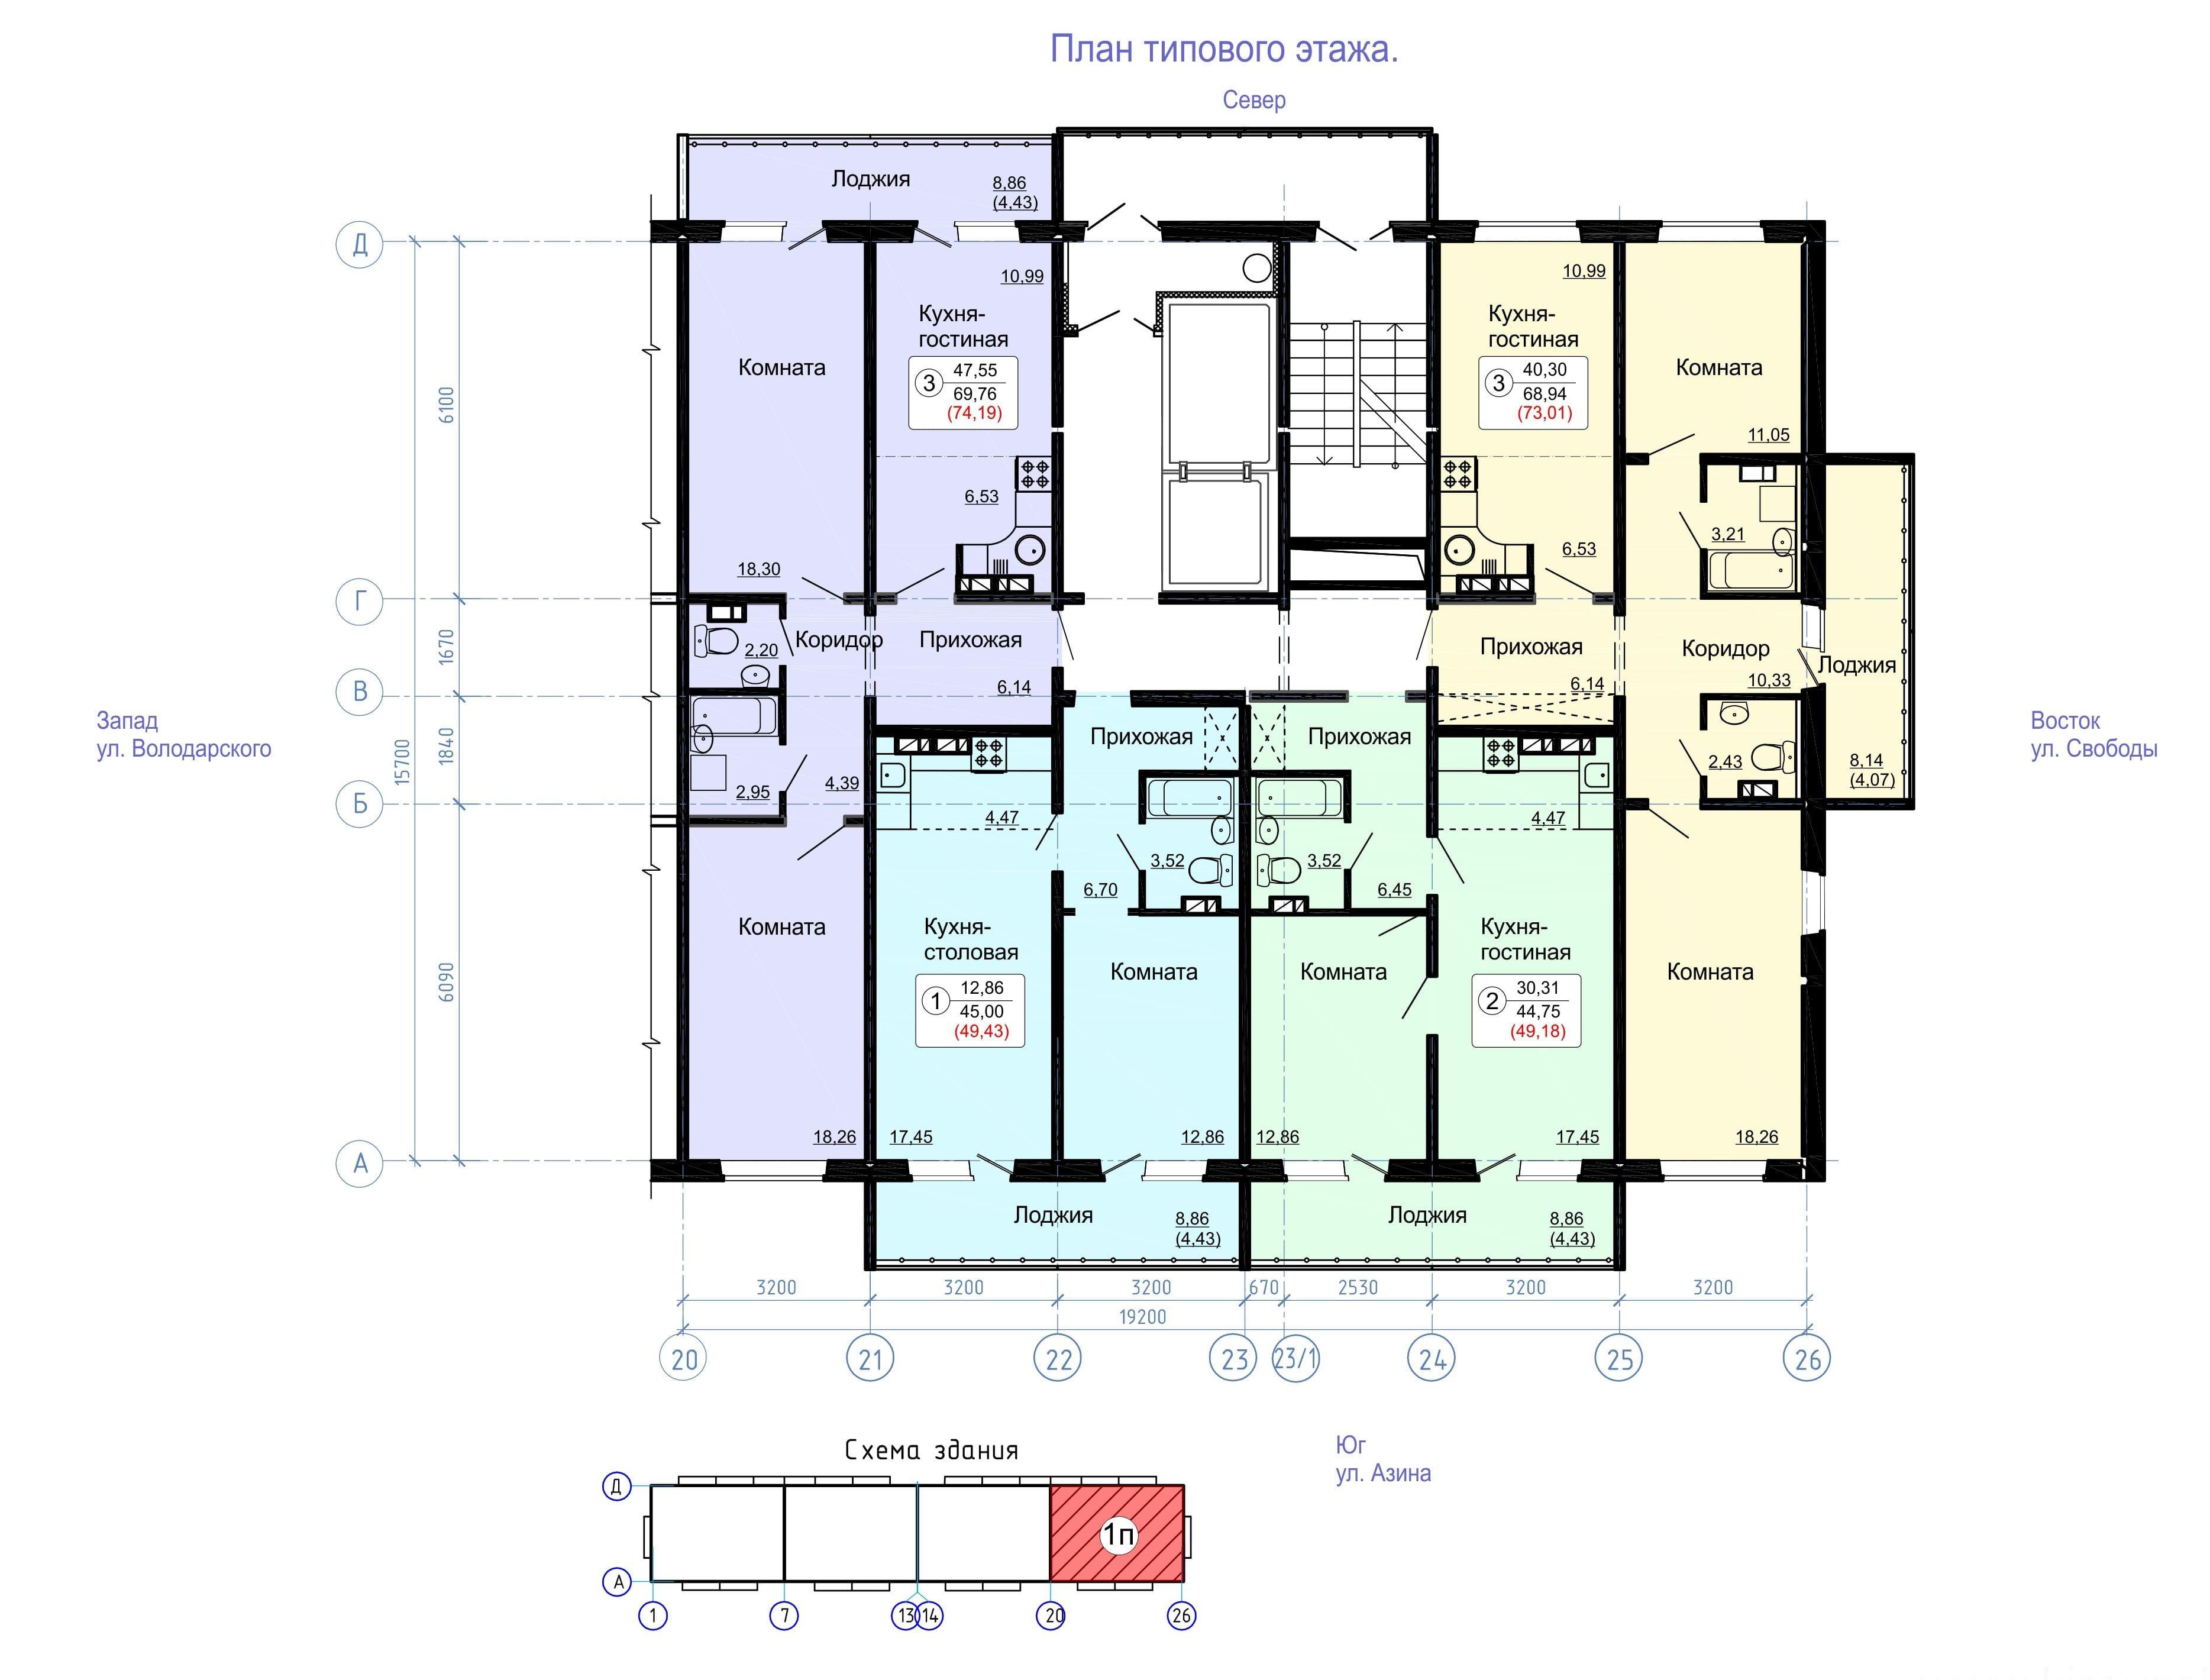 Ярмарка жилья выбери квартиру от надежного застройщика в ком.